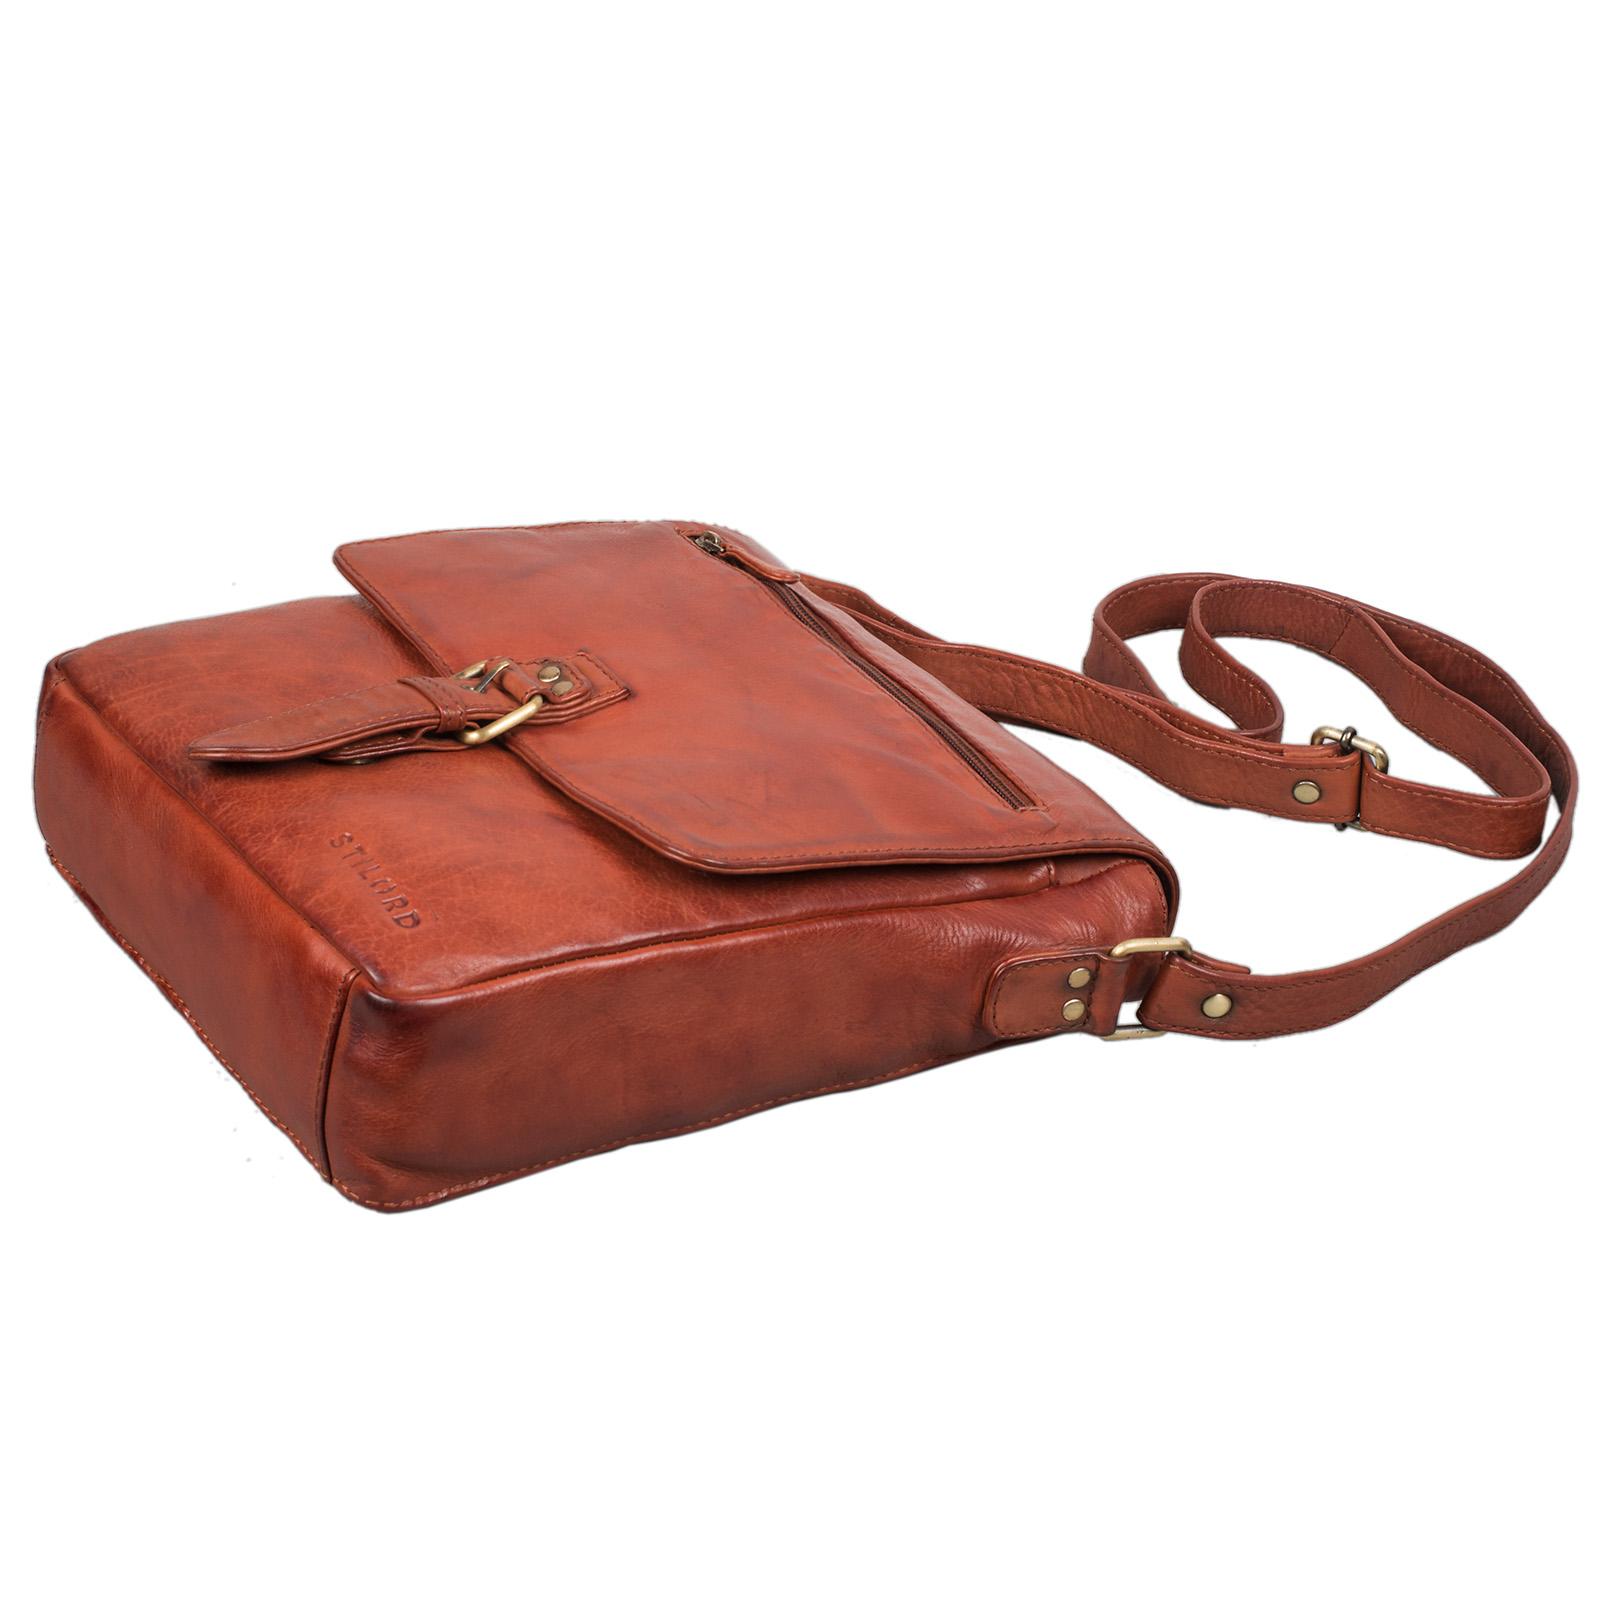 """STILORD """"Jonas"""" Vintage Herrentasche Leder braun Umhängetasche mit Reißverschluss Messenger Bag kleine Kuriertasche für 10,1 Zoll Tablet iPad echtes Leder - Bild 22"""